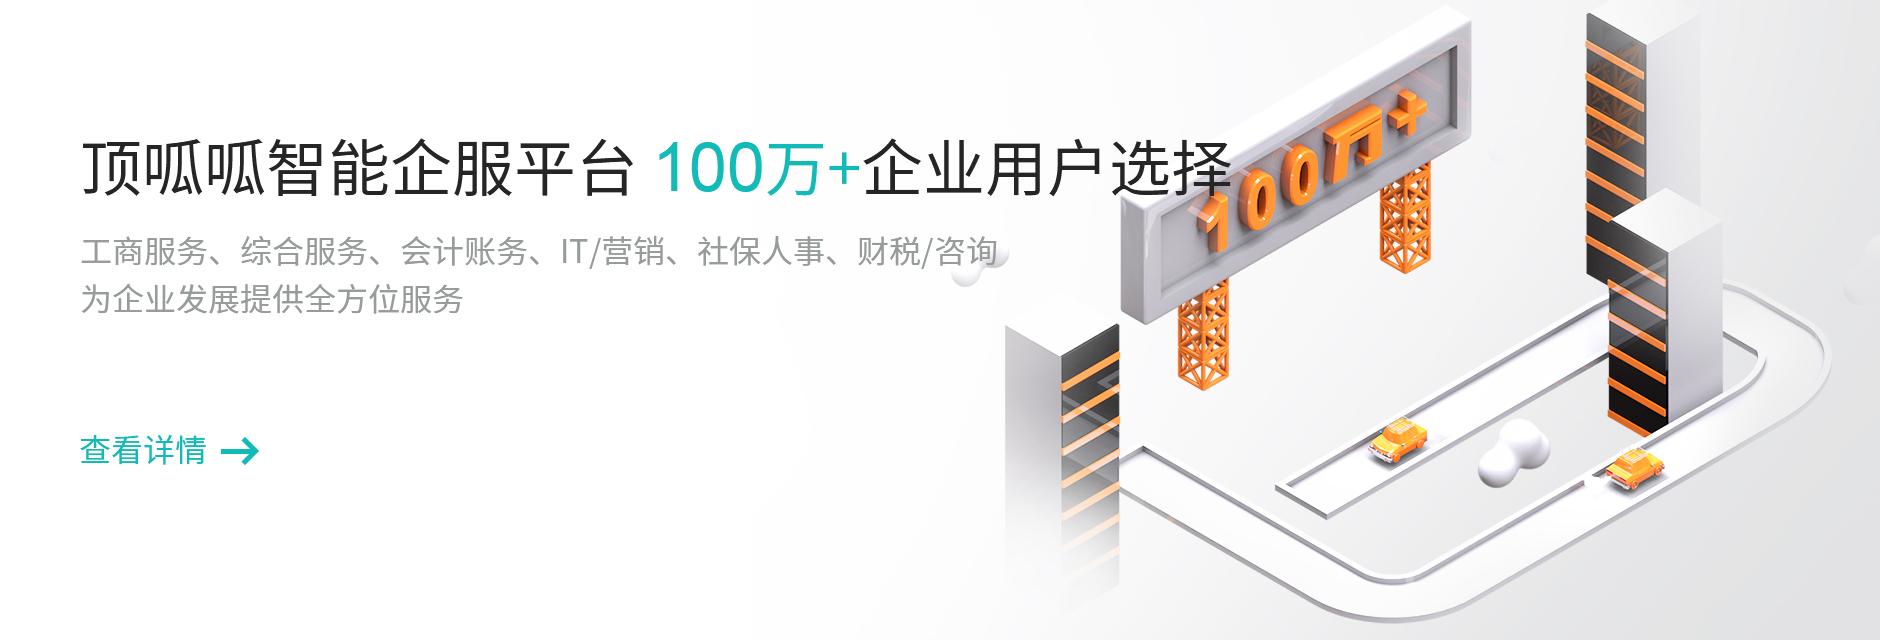 顶呱呱智能企服平台100万+企业用户共同选择